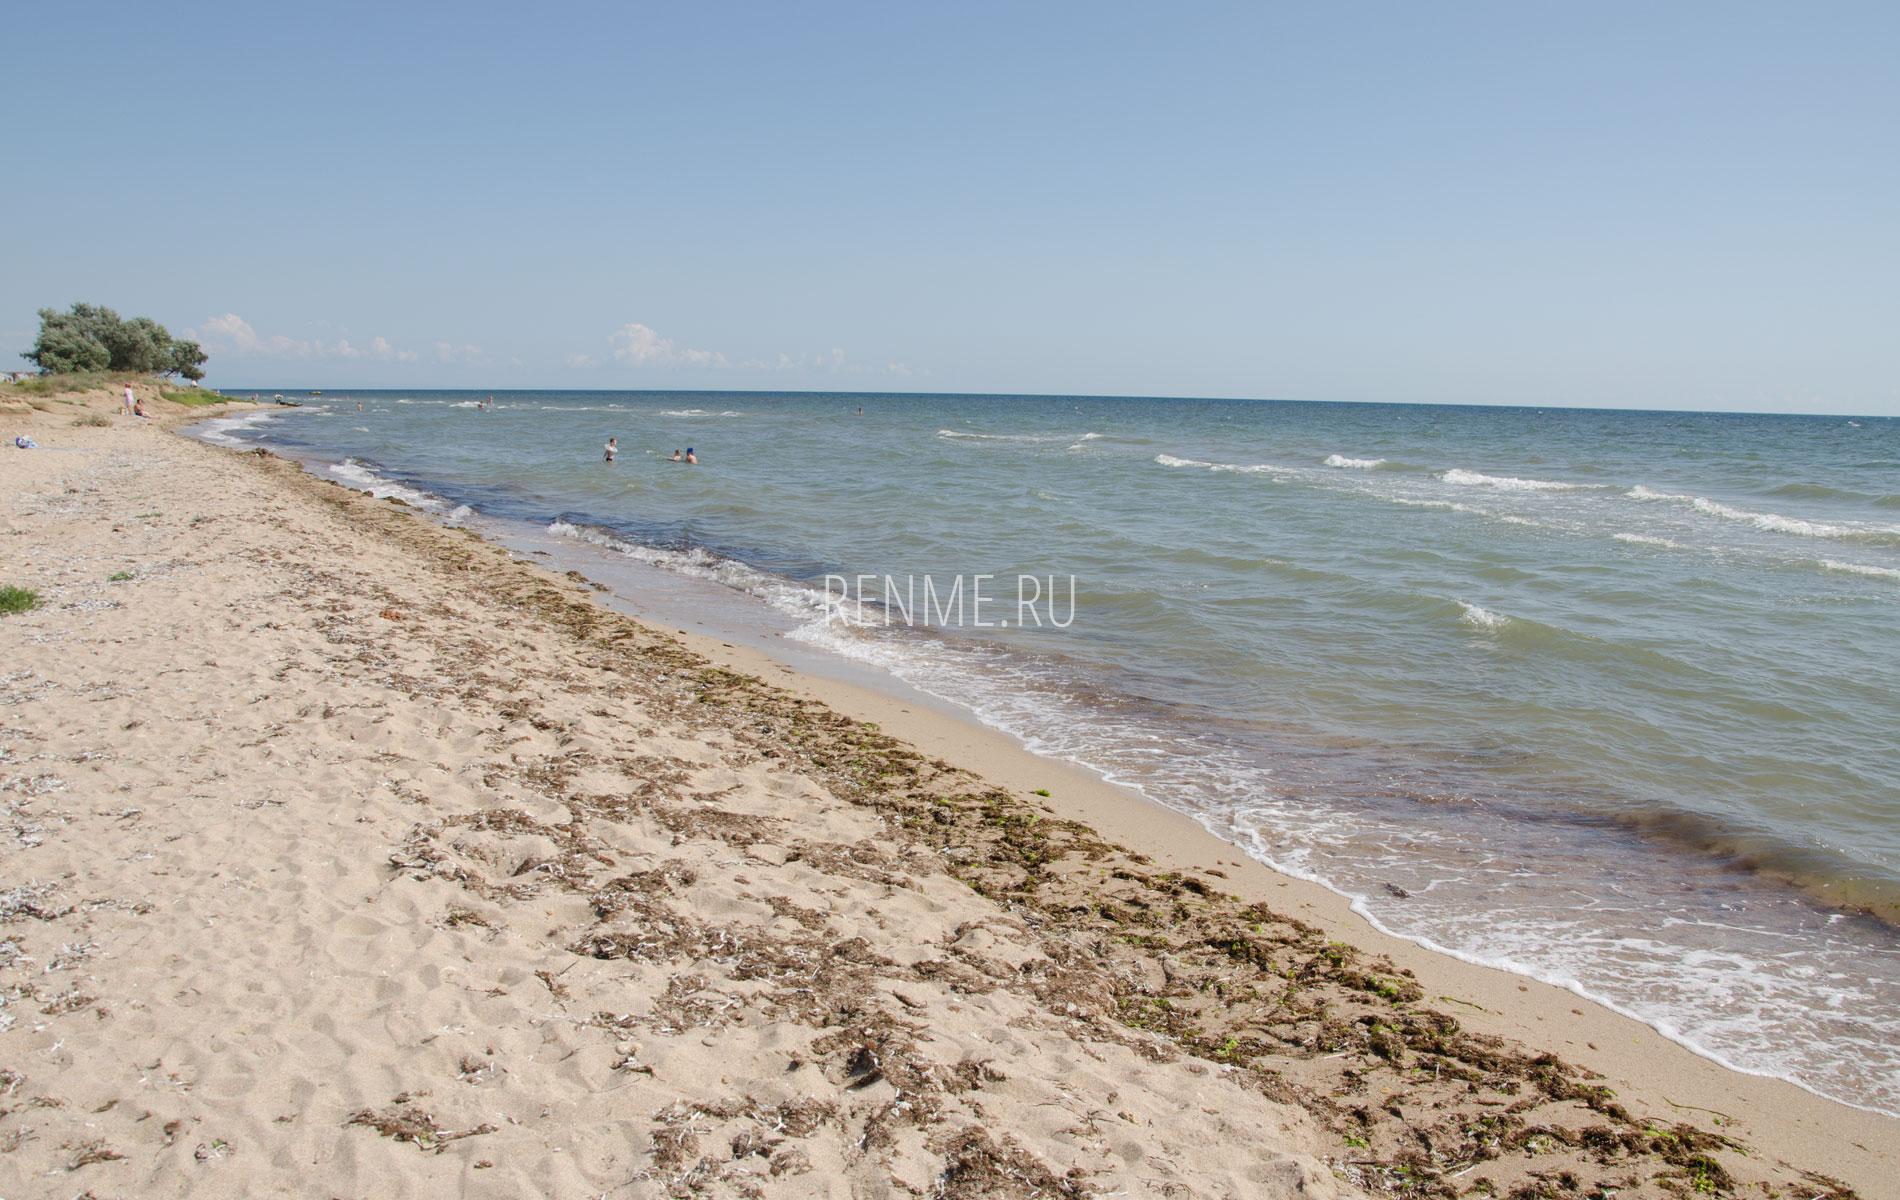 Дикий пляж в Заозерном летом 2019. Фото Заозёрного